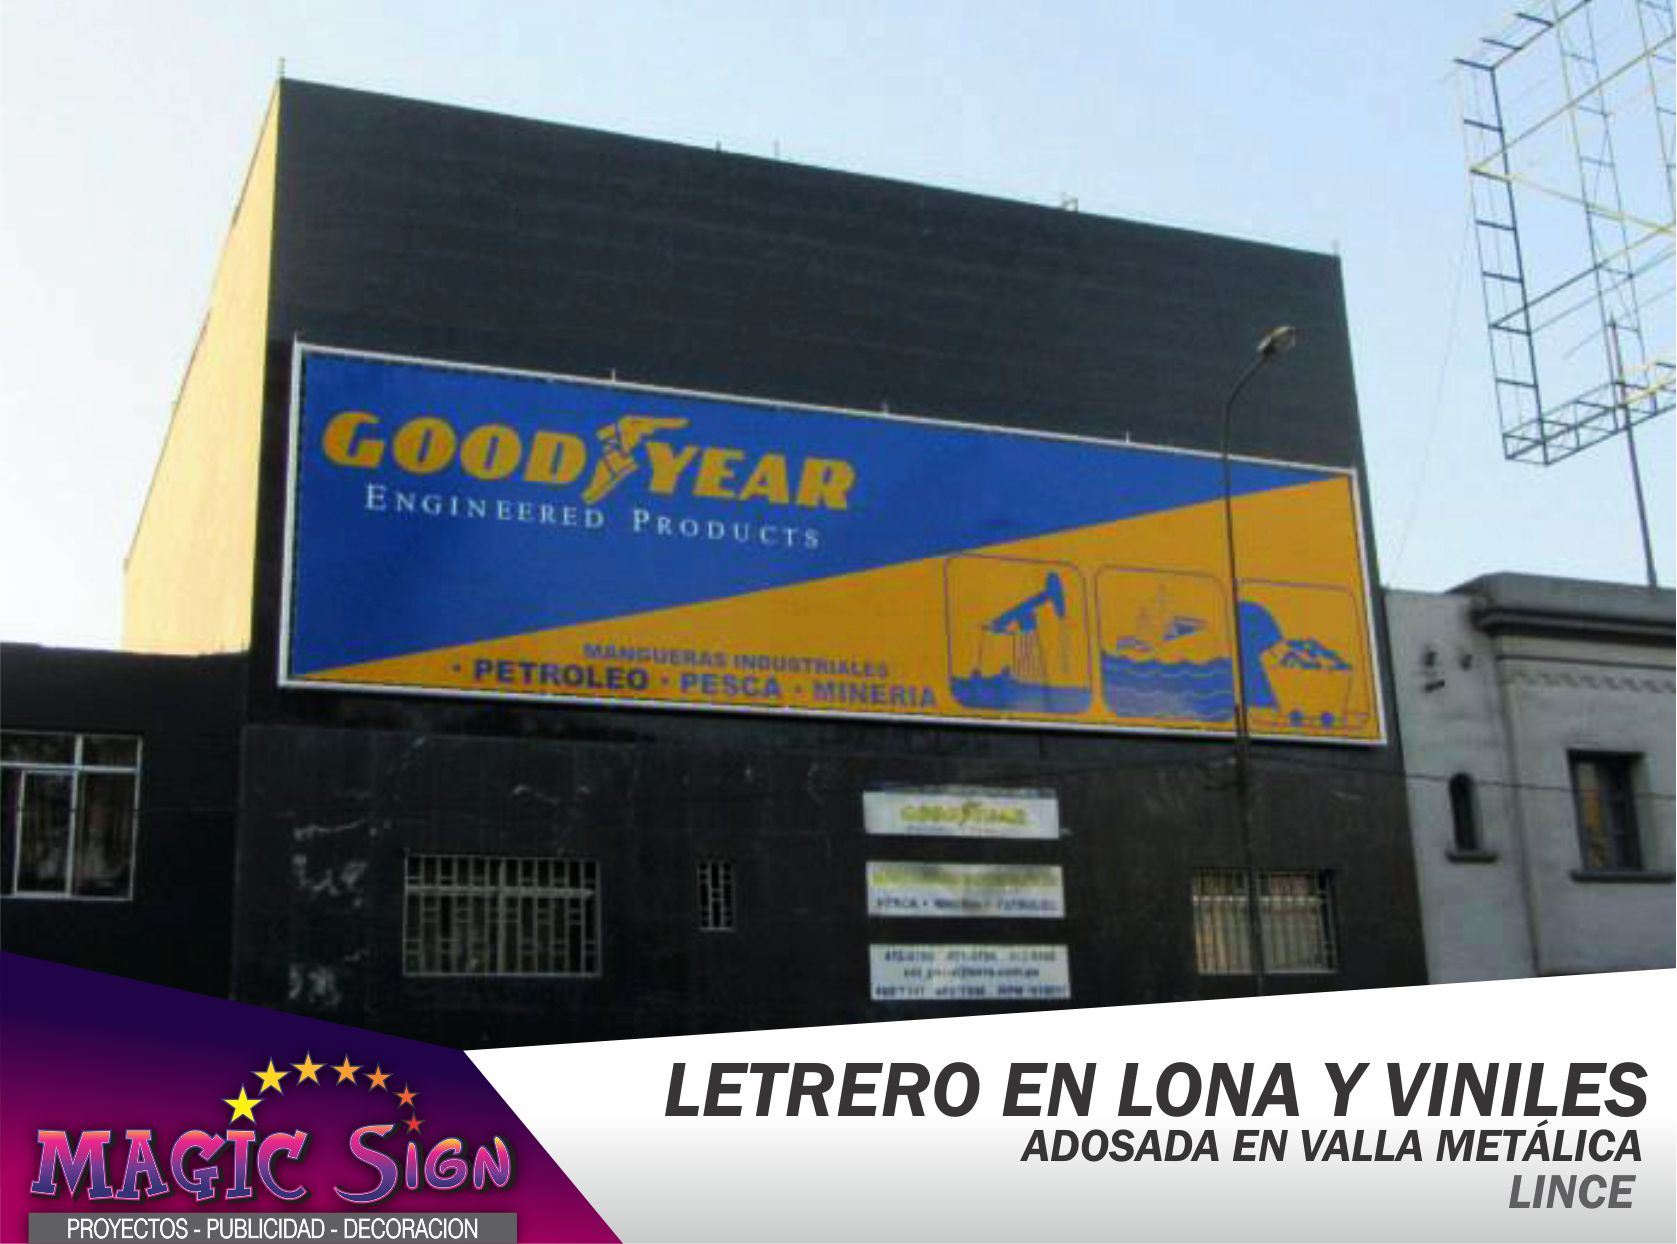 Letrero en Lona y Vinil